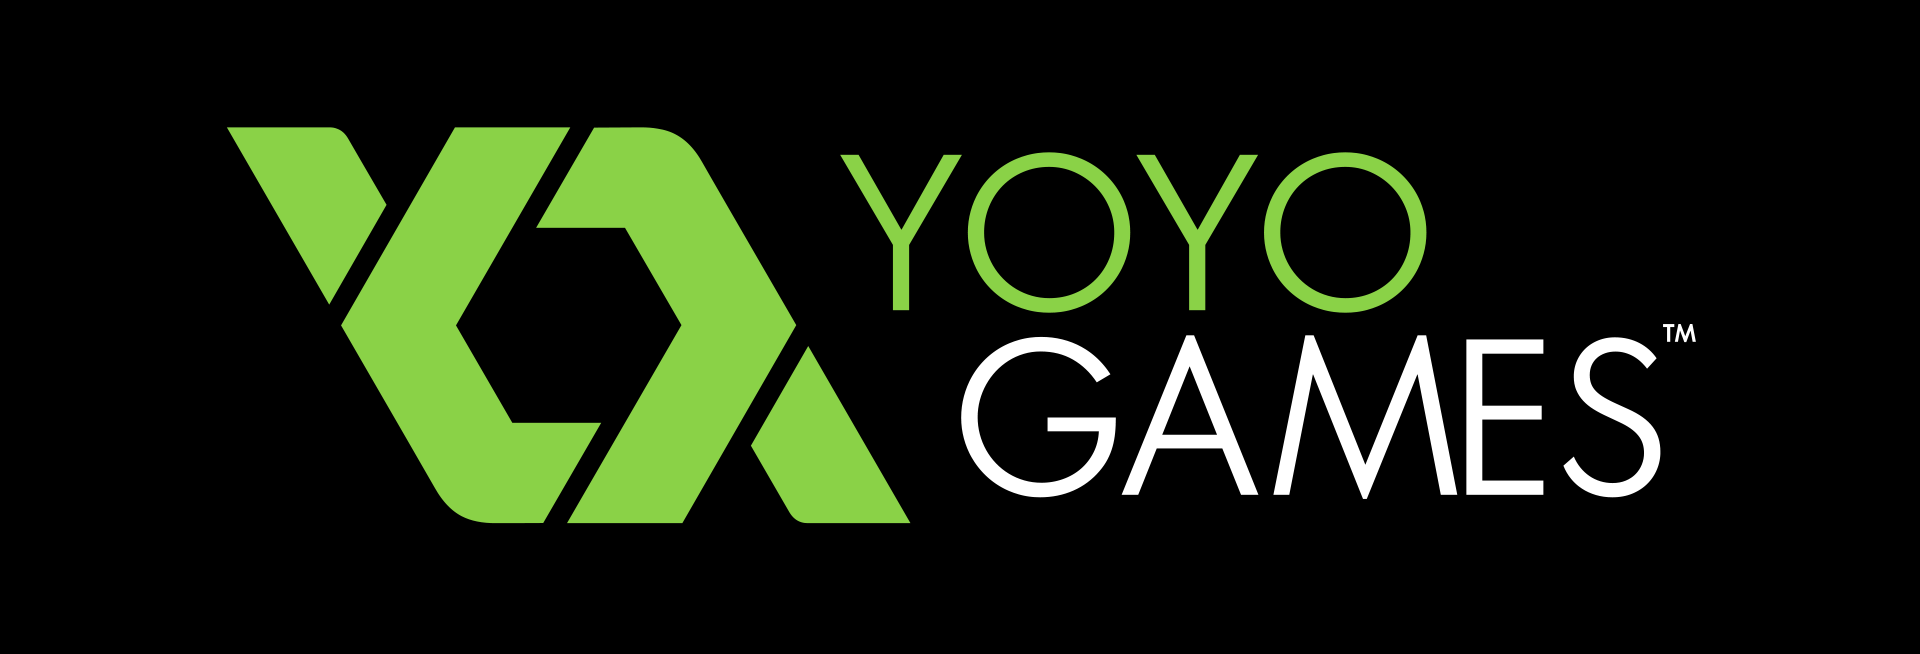 YoYo Games